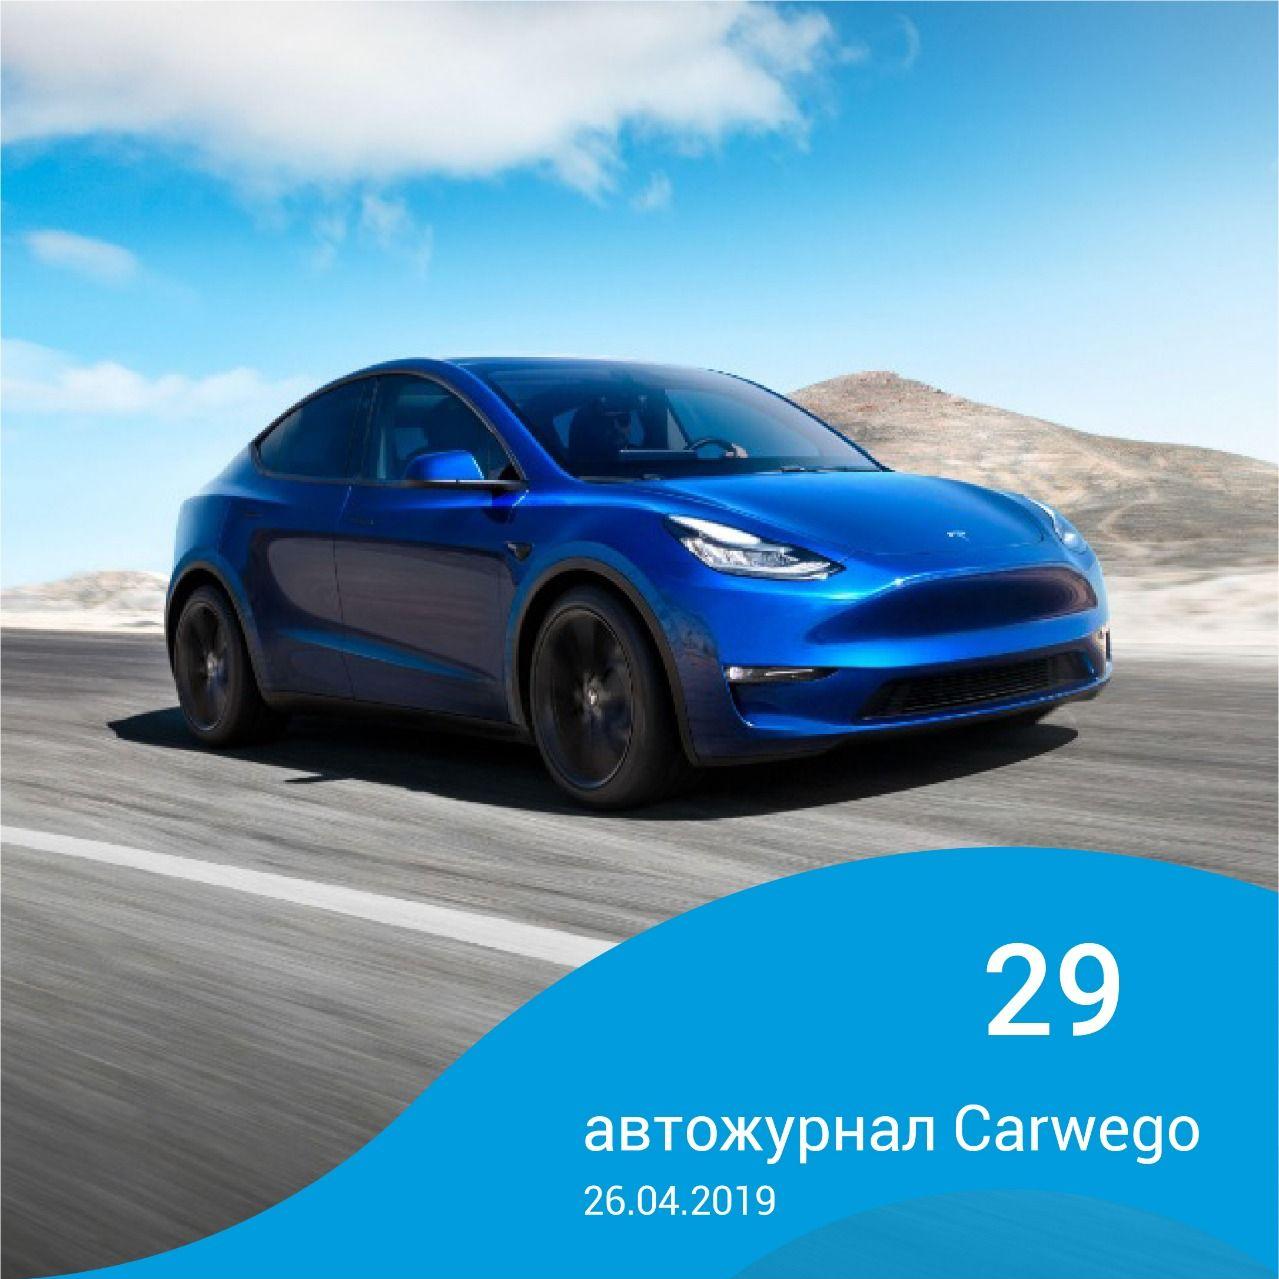 Где дешевле «переобуться», беспилотное такси Tesla и нейронная сеть парковок в РБ